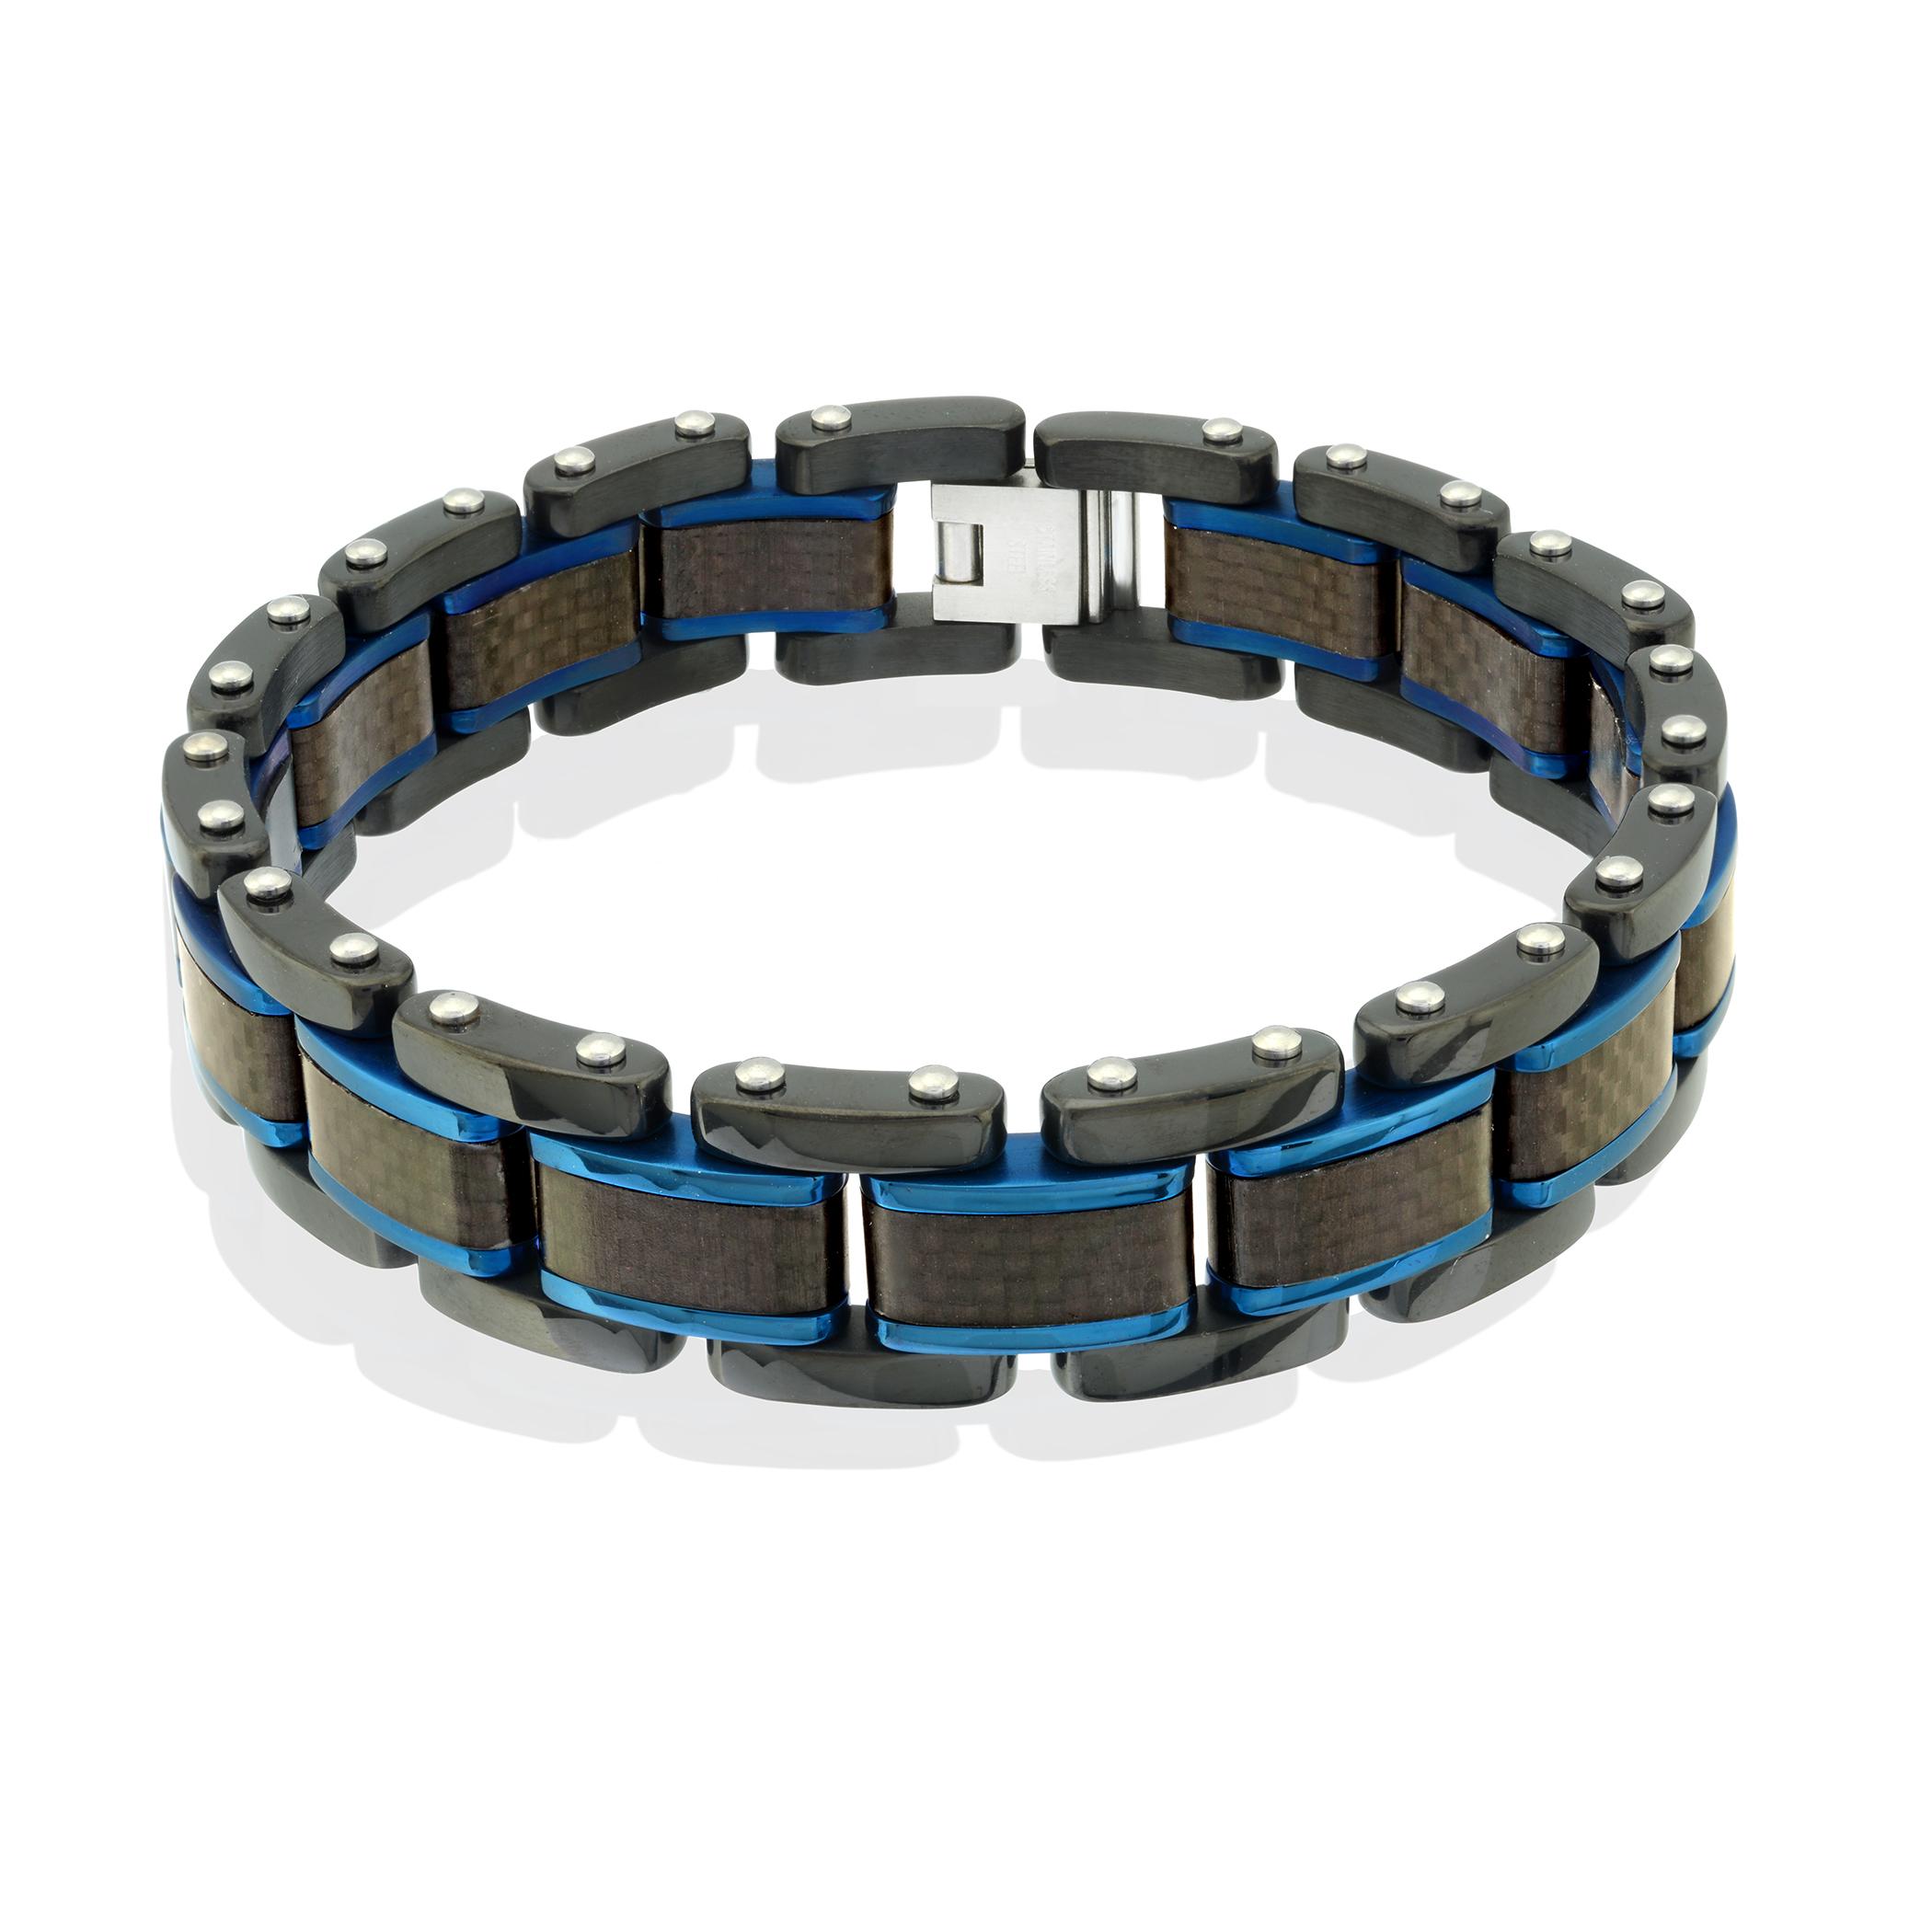 Men's bracelet - 2-tone stainless steel & black carbon fiber